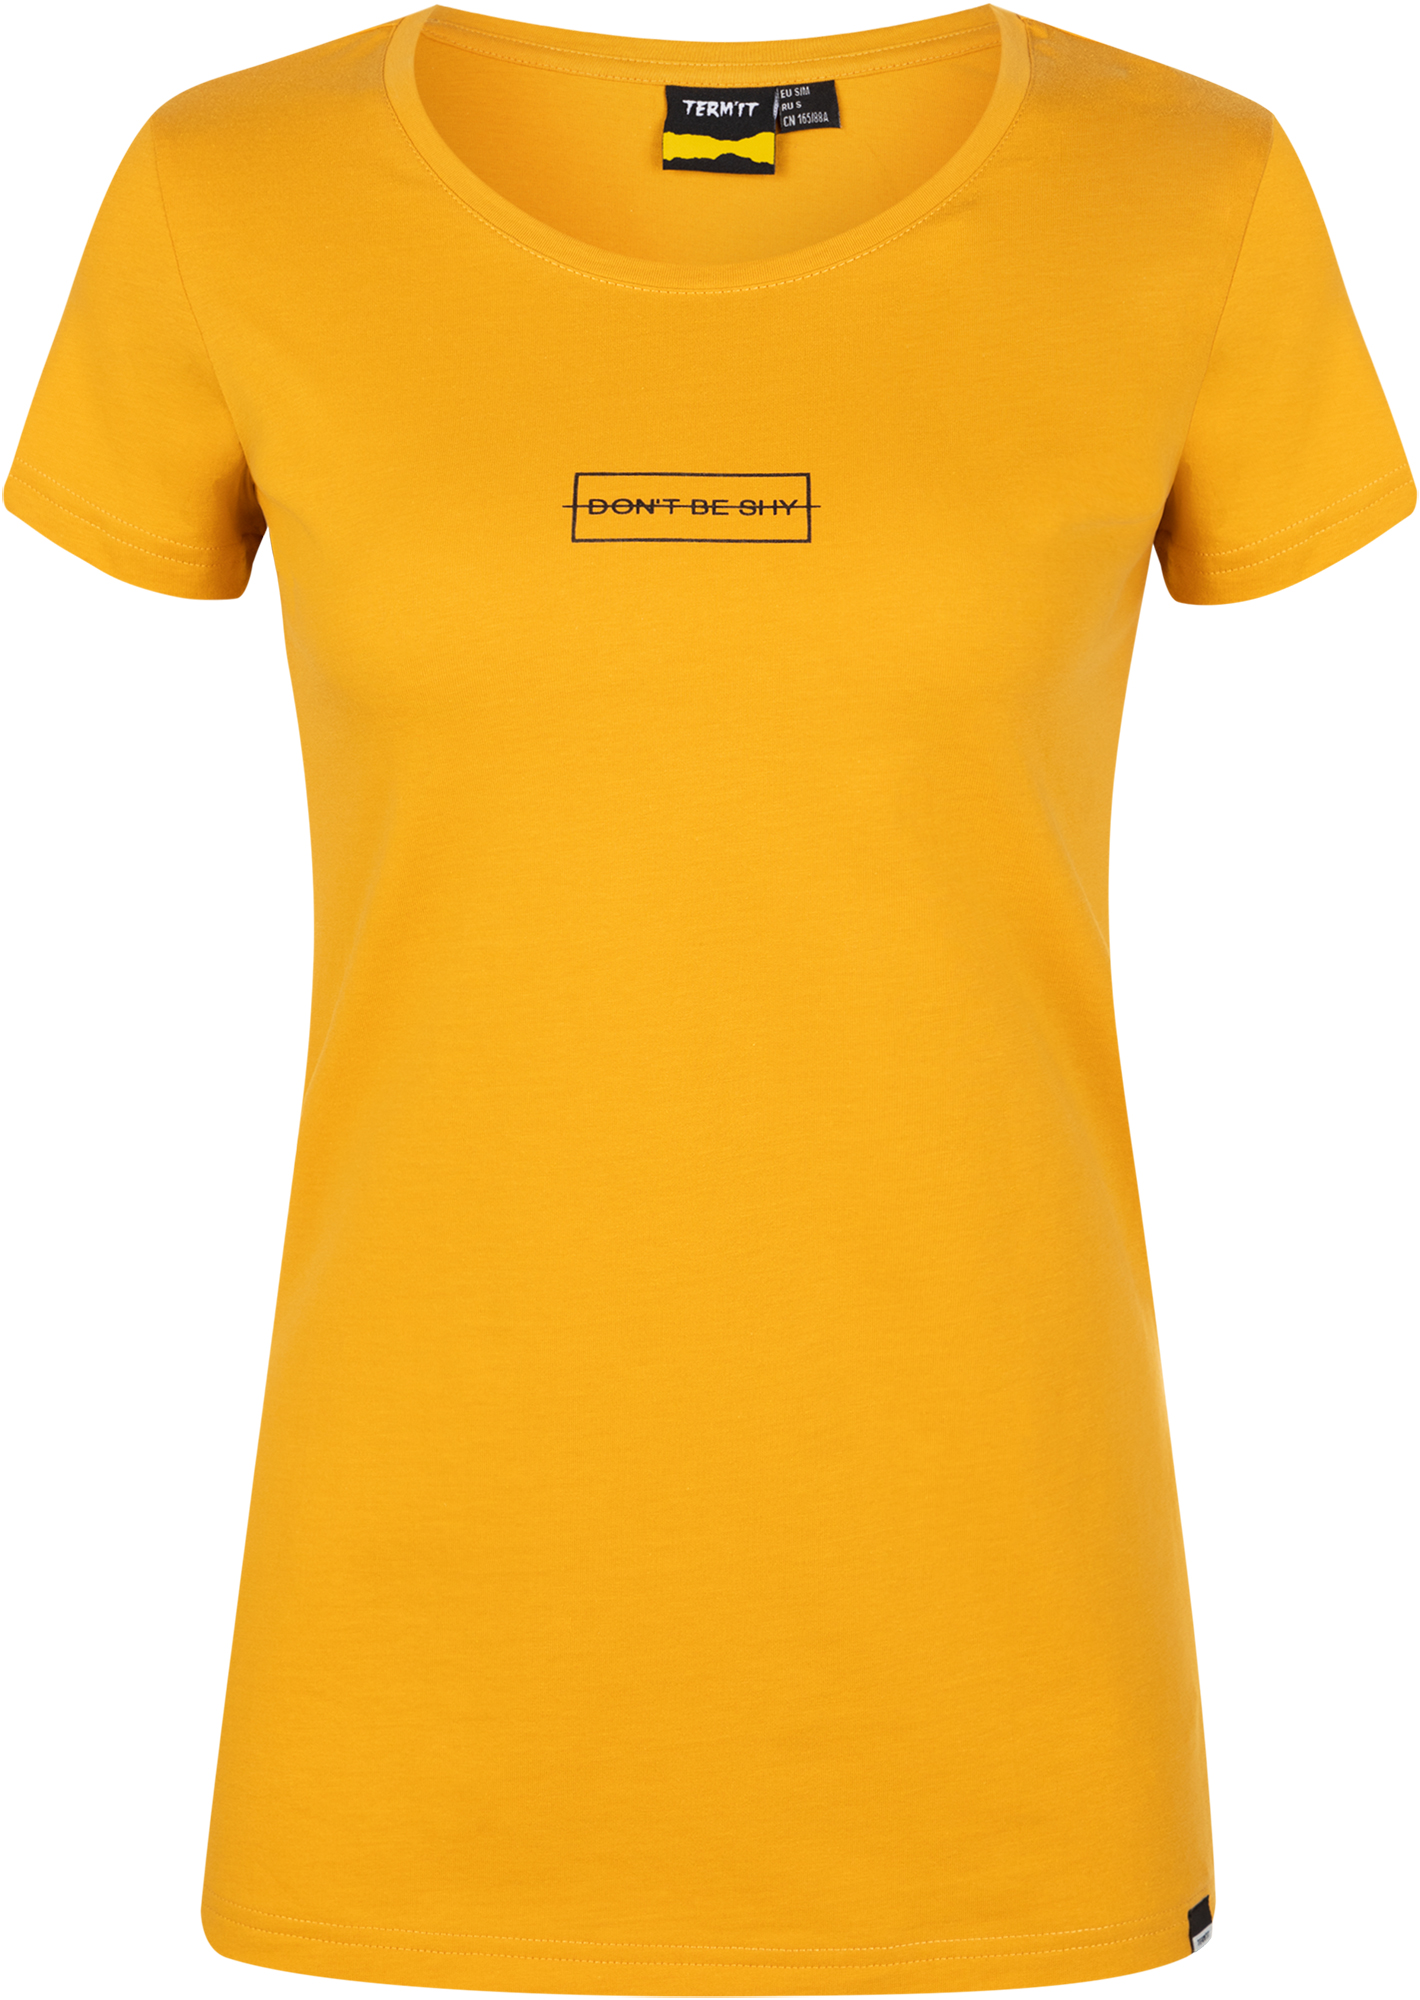 Фото - Termit Футболка женская Termit, размер 42 termit футболка женская termit размер 42